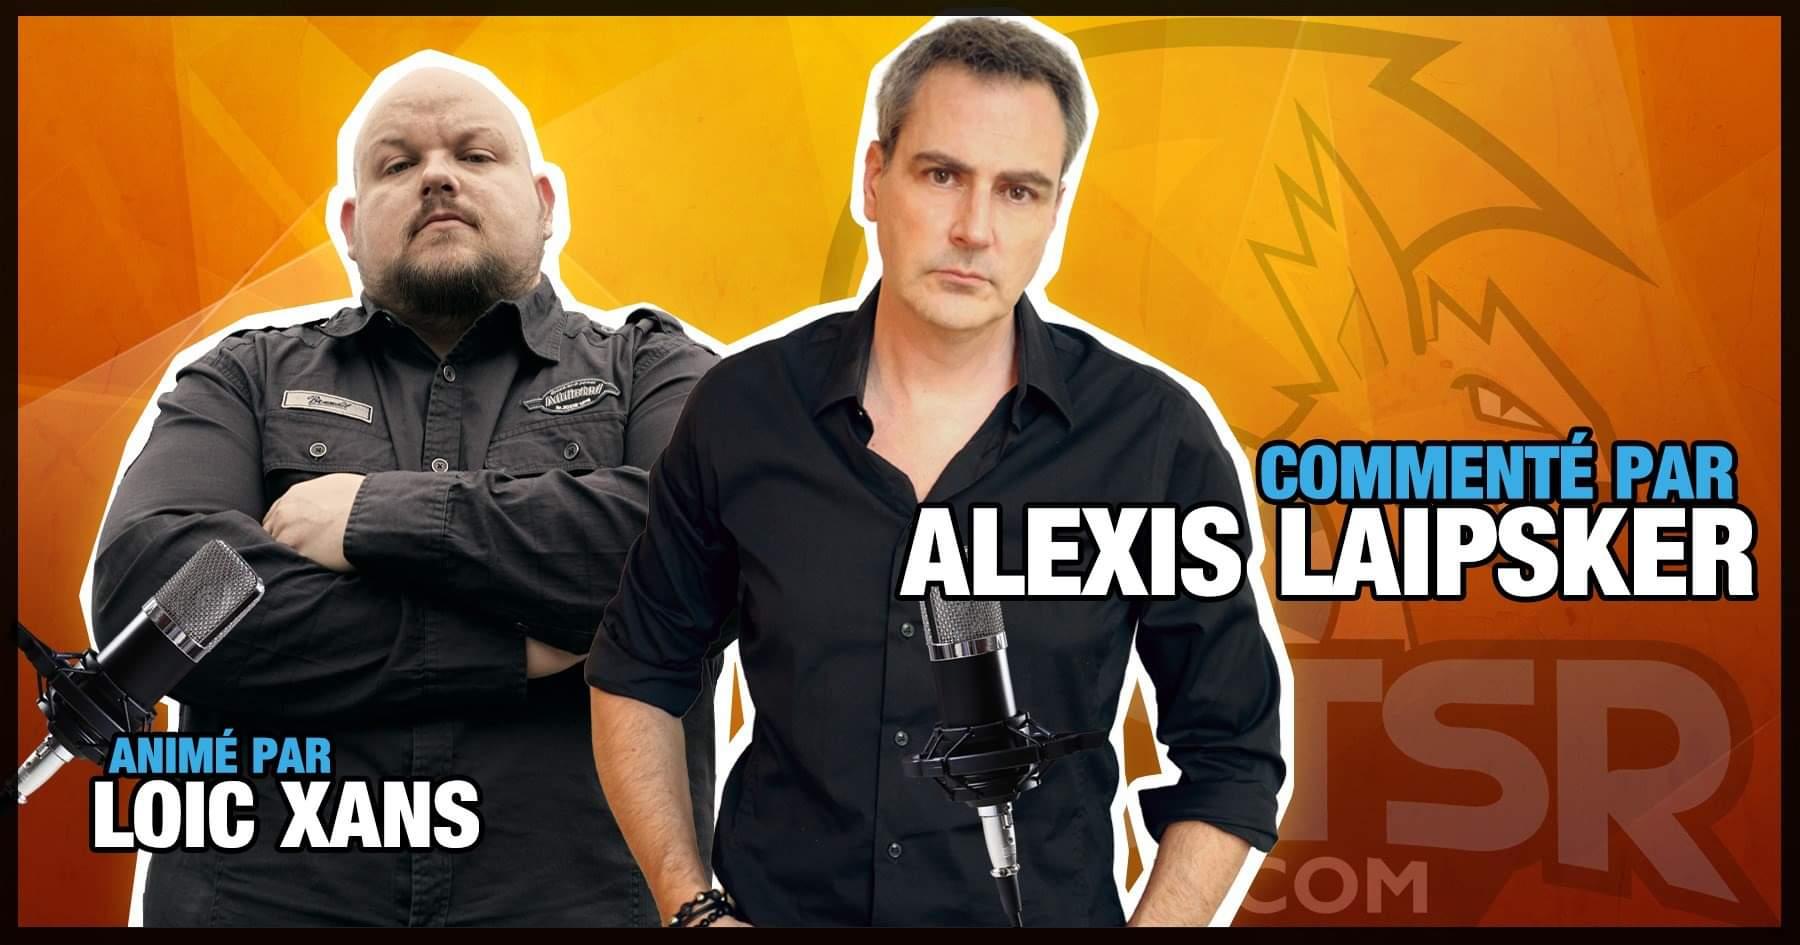 Alexis Laipsker et Loïc Xans aux commentaires sur la chaîne Twitch de Nuts'R !